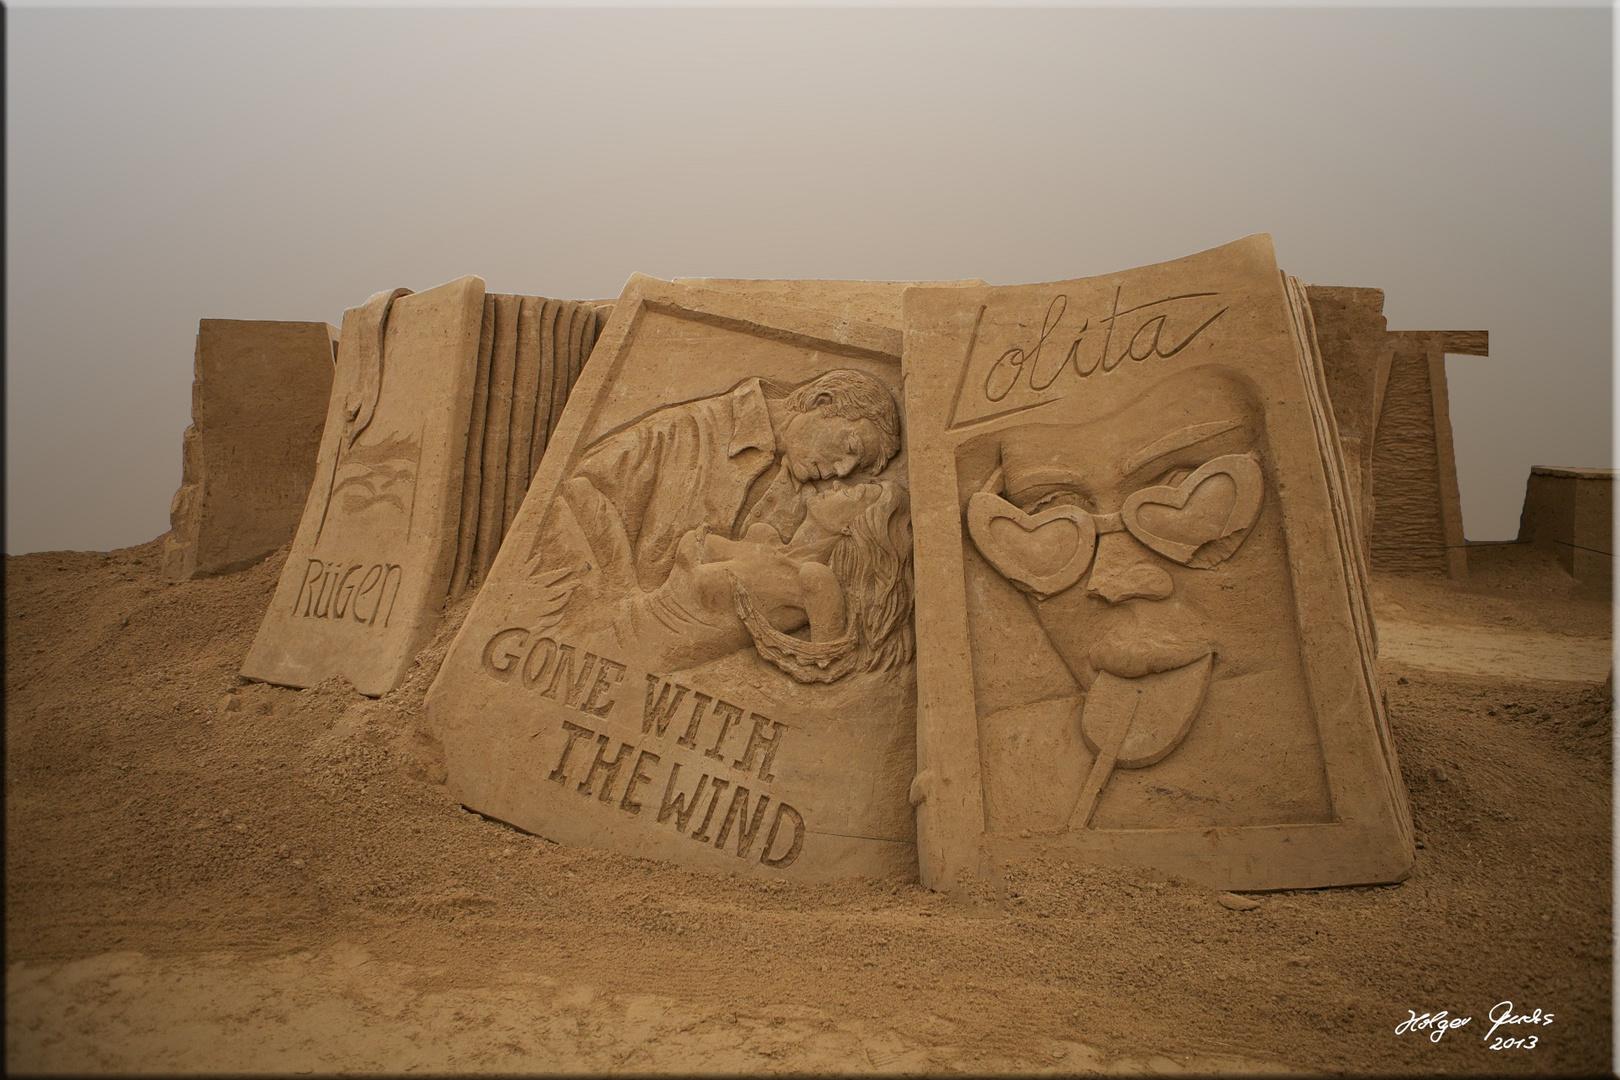 """Sandskulptur """"Vom Winde verweht"""" (Margaret Mitchell) & """"Lolita"""" (Vladimir Nabokov)"""